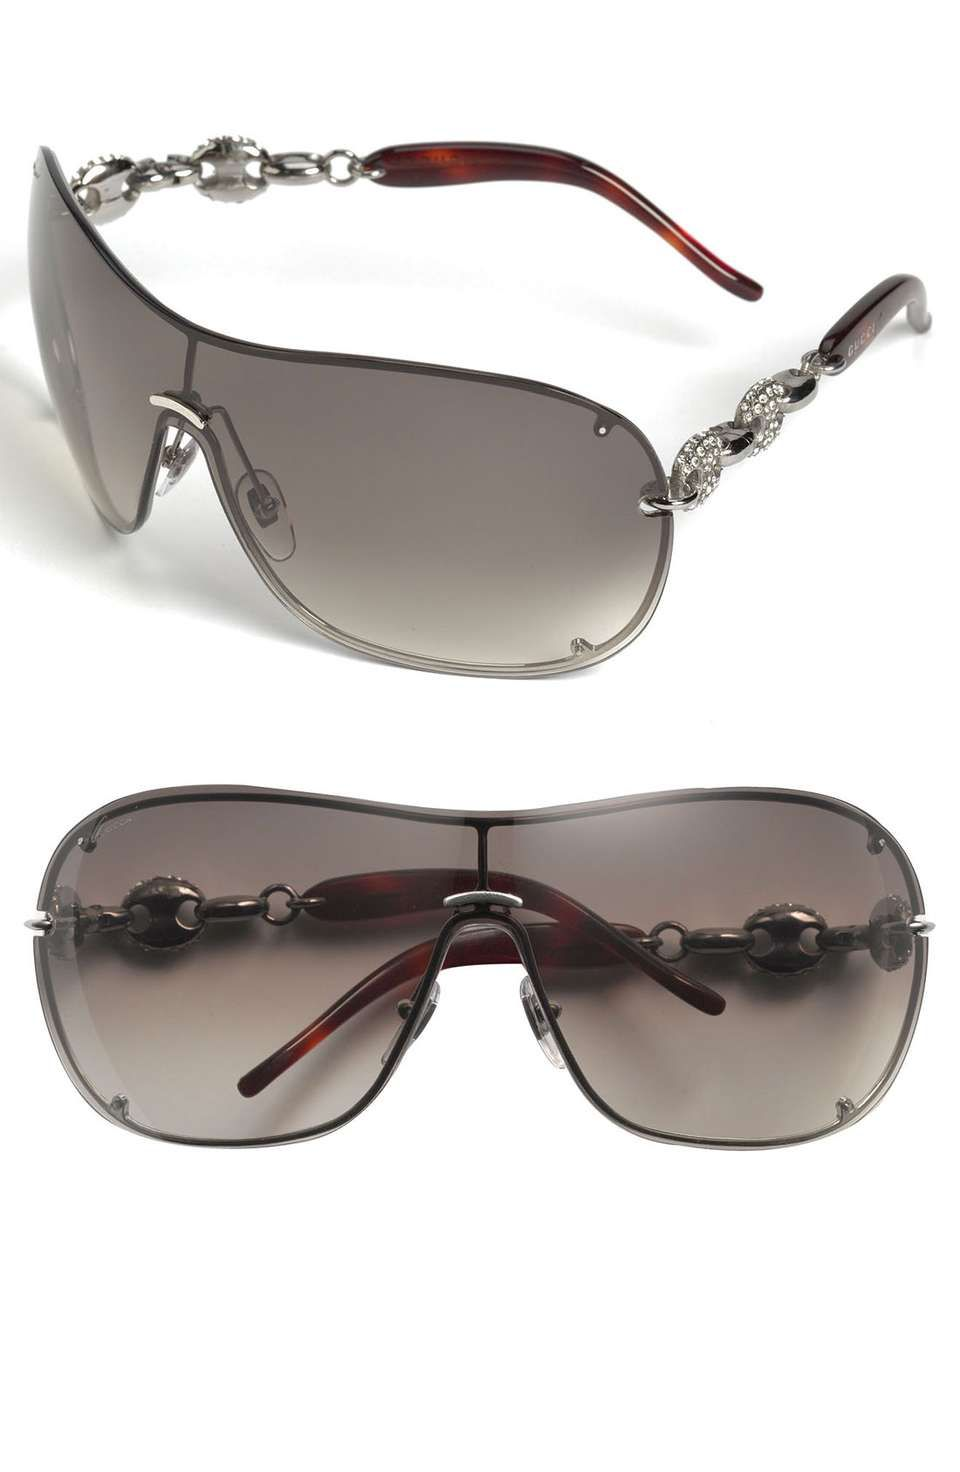 9eb605ed92bd Gucci Rimless Shield Sunglasses | Accessories are Necessities ...